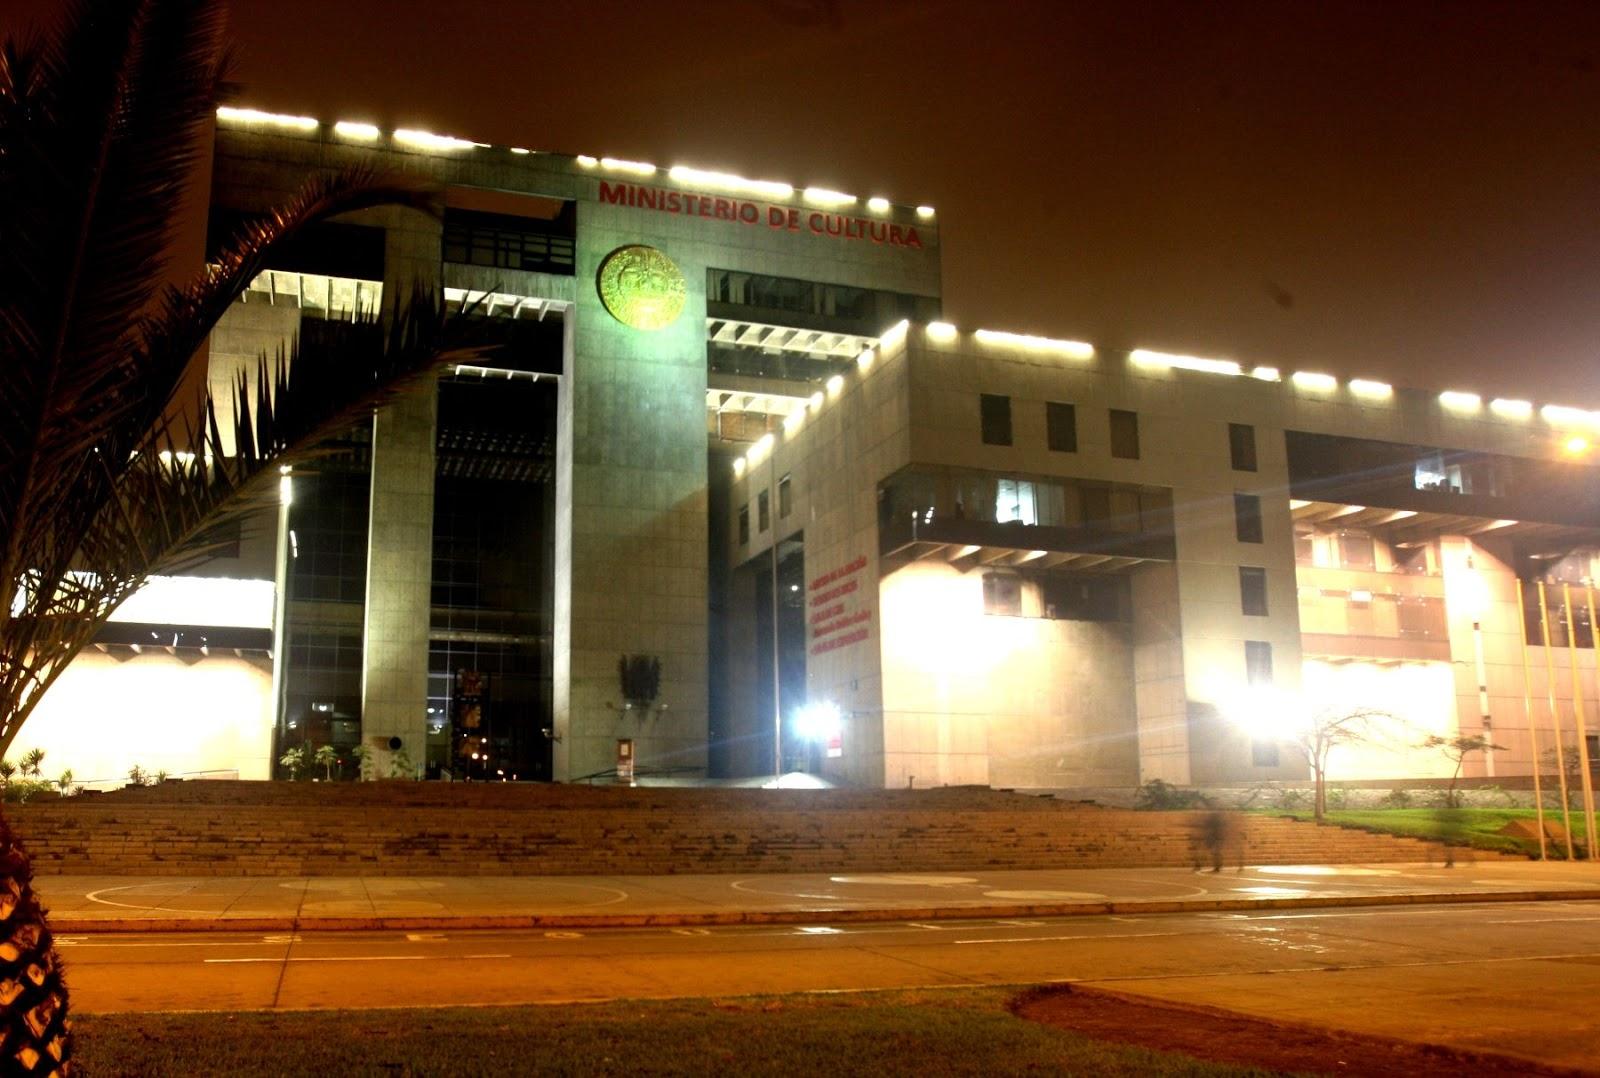 La Society of Vertebrate Paleontology ha solicitado Ministerio de Cultura la investigación de las circunstancias del IX Congreso Latinoamericano de Paleontología.  Foto: Ministerio de Cultura.